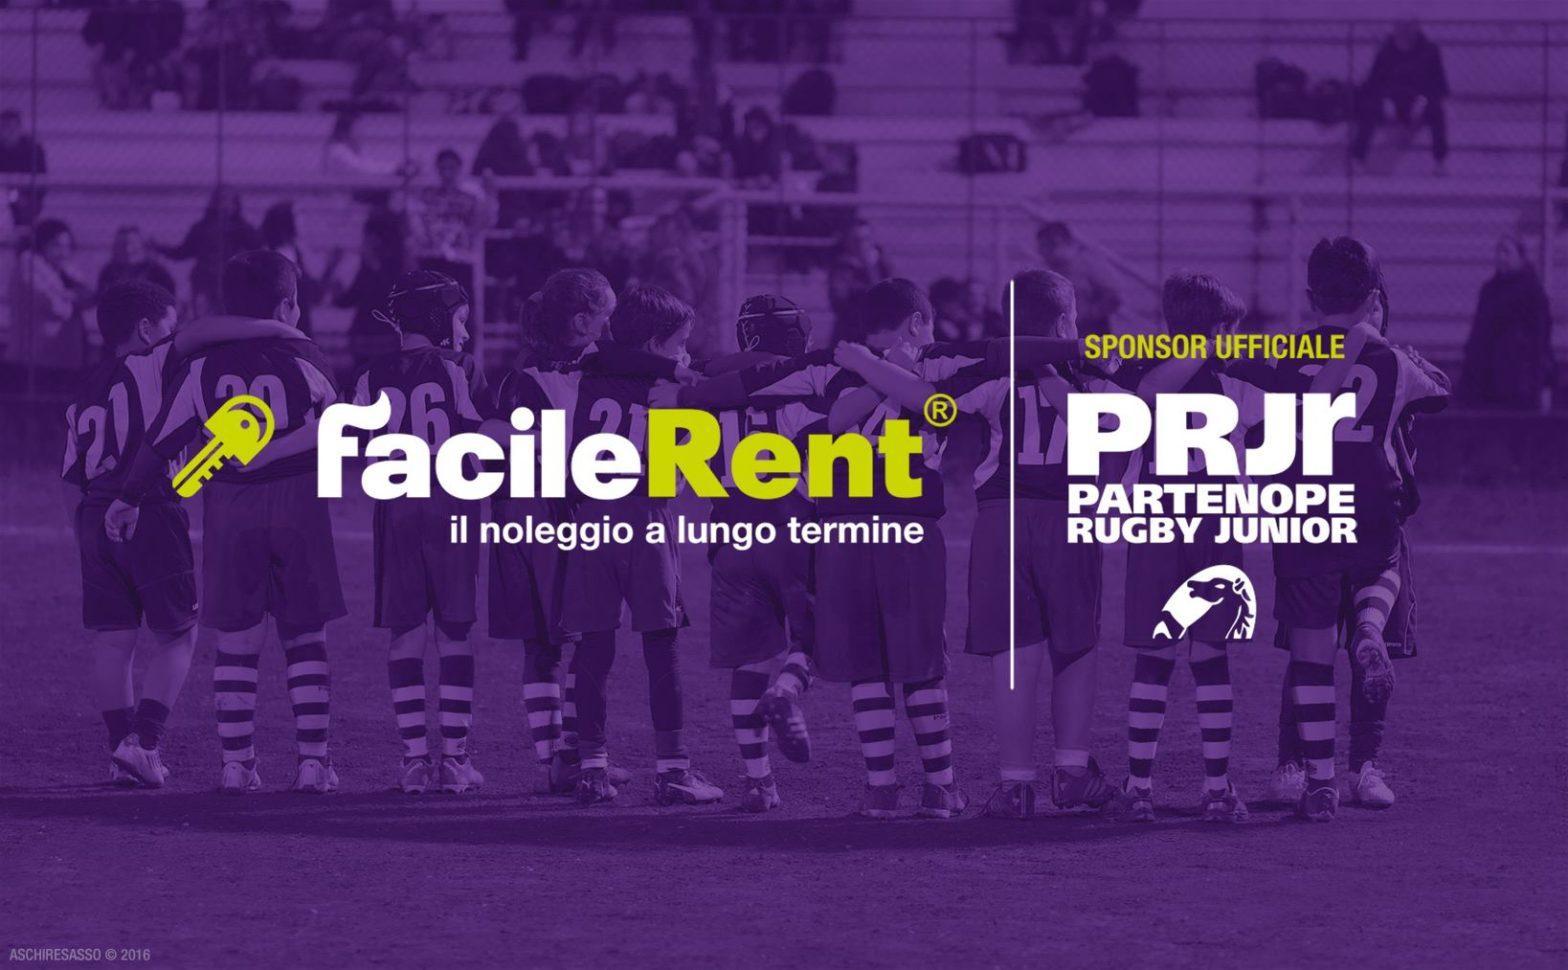 L'ora del Rugby: FacileRent e Partenope Rugby Junior insieme per promuovere il rugby tra i più giovani!